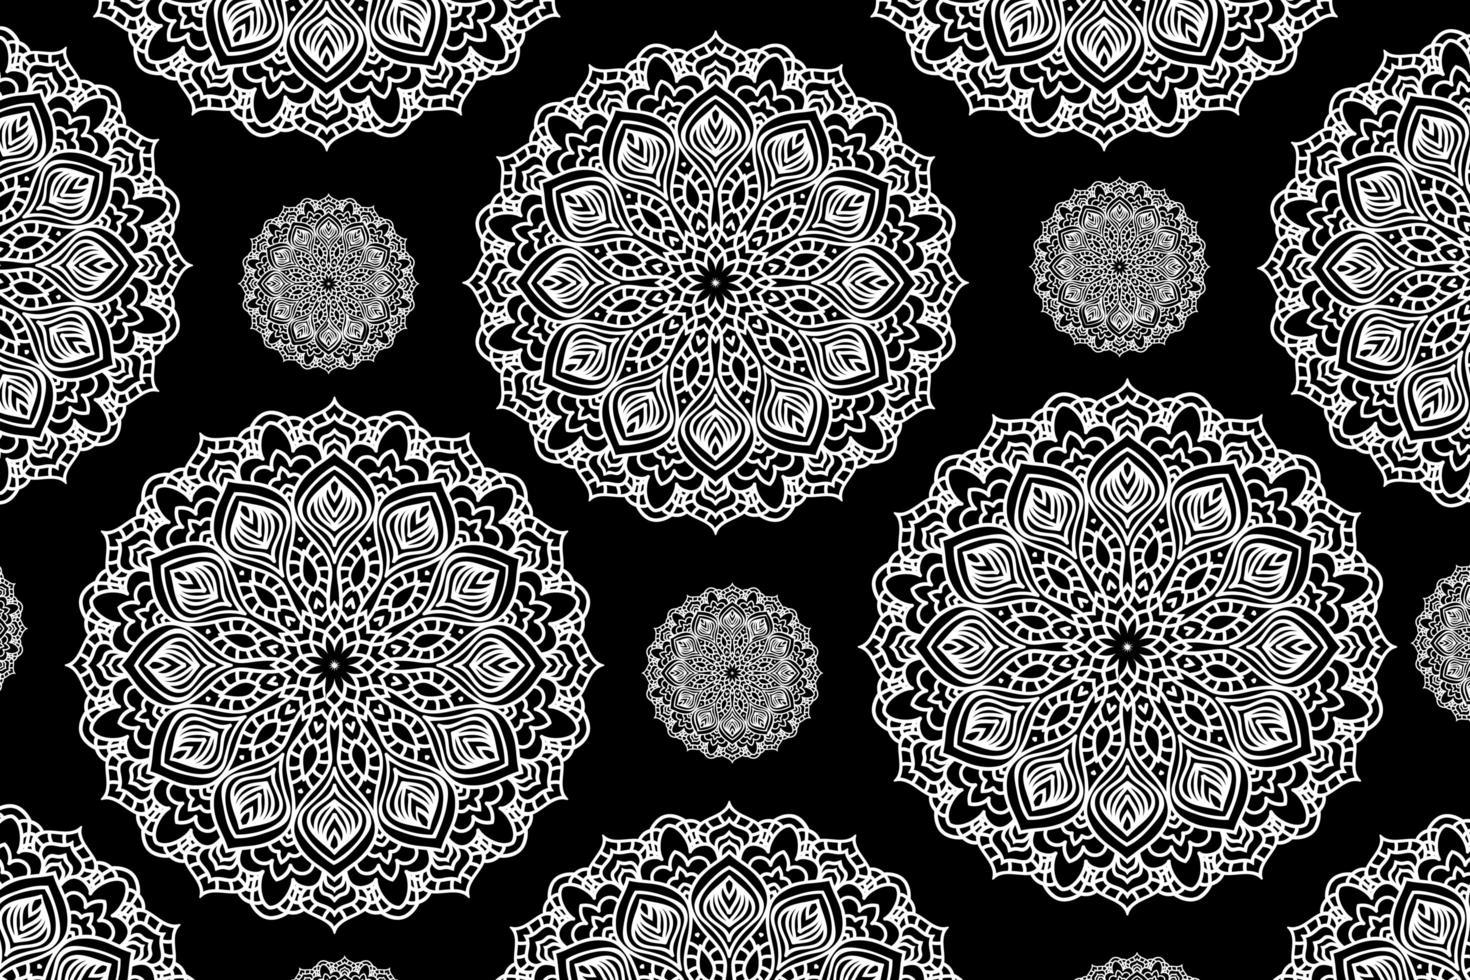 cirkulär mandala bakgrund. dekorativ prydnad i etnisk orientalisk stil. sida för målarbok. vektor